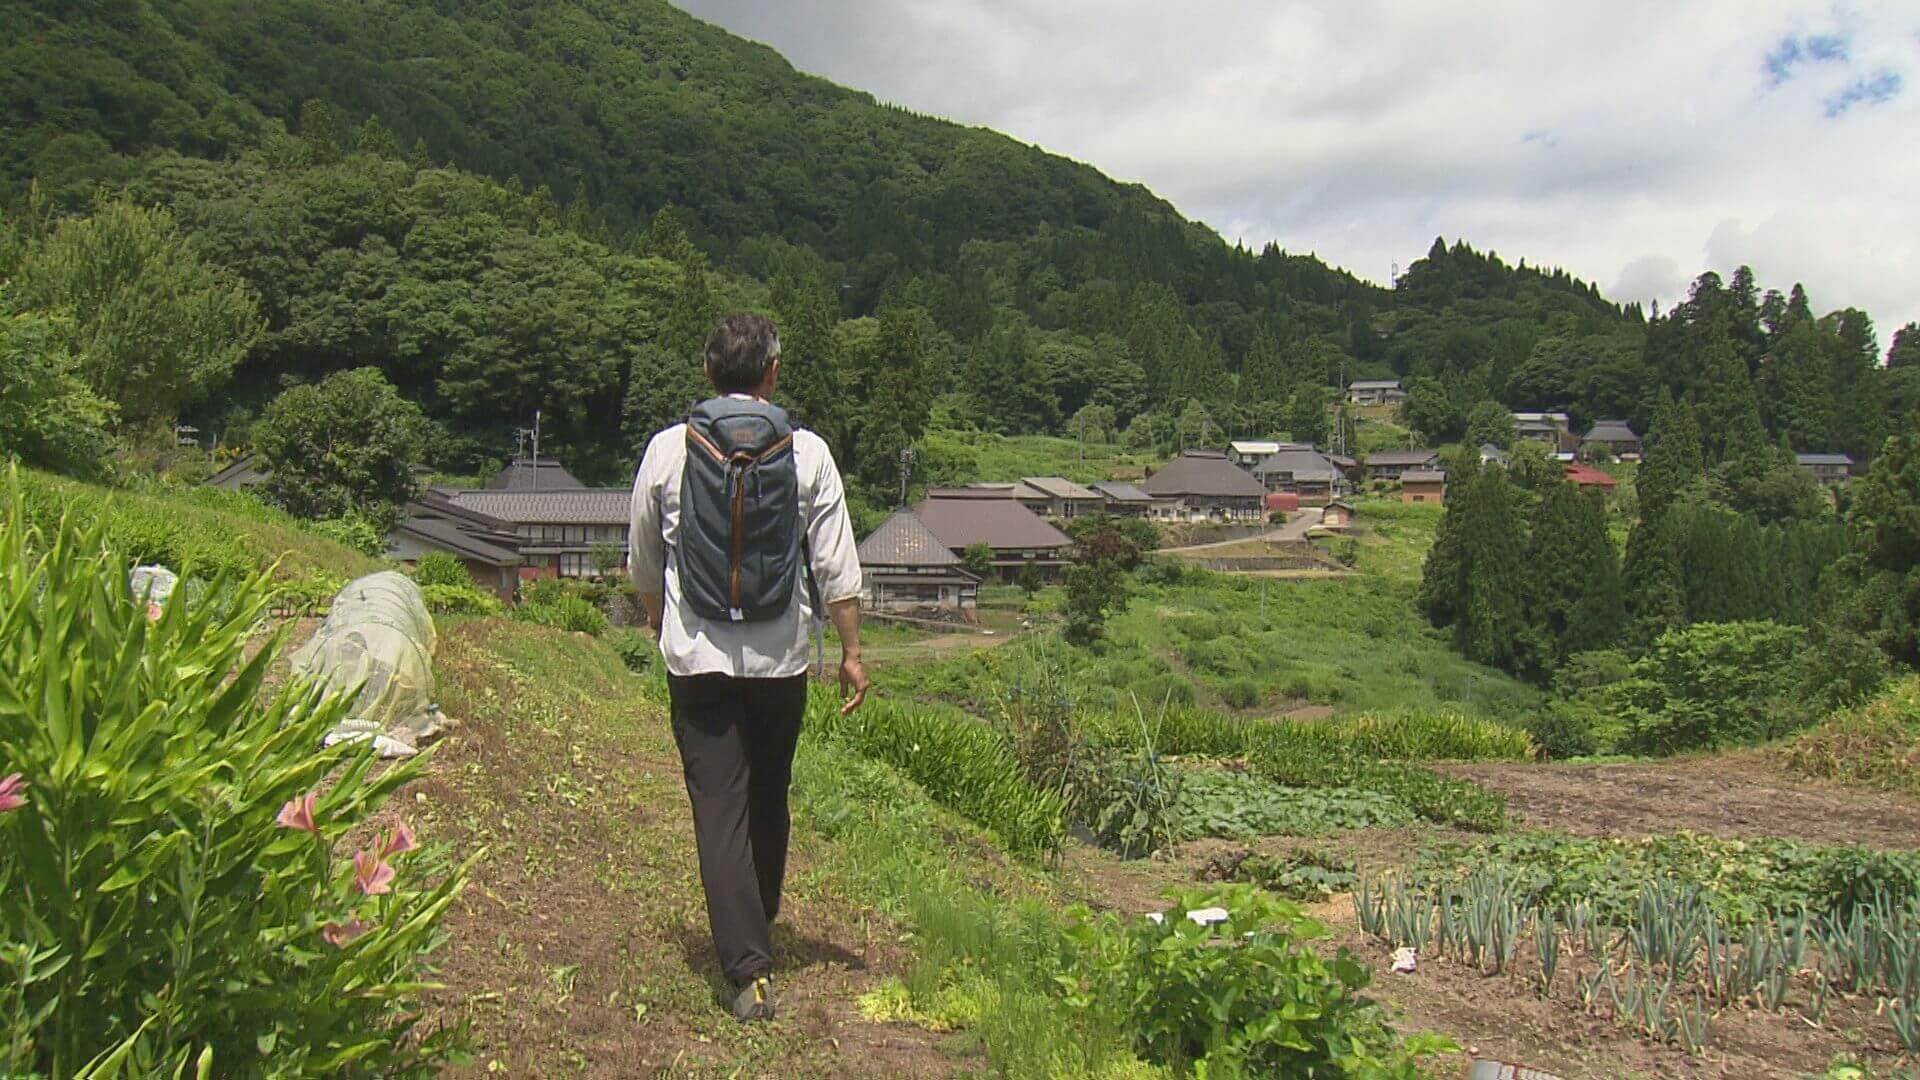 草田アナ塩の道を行く